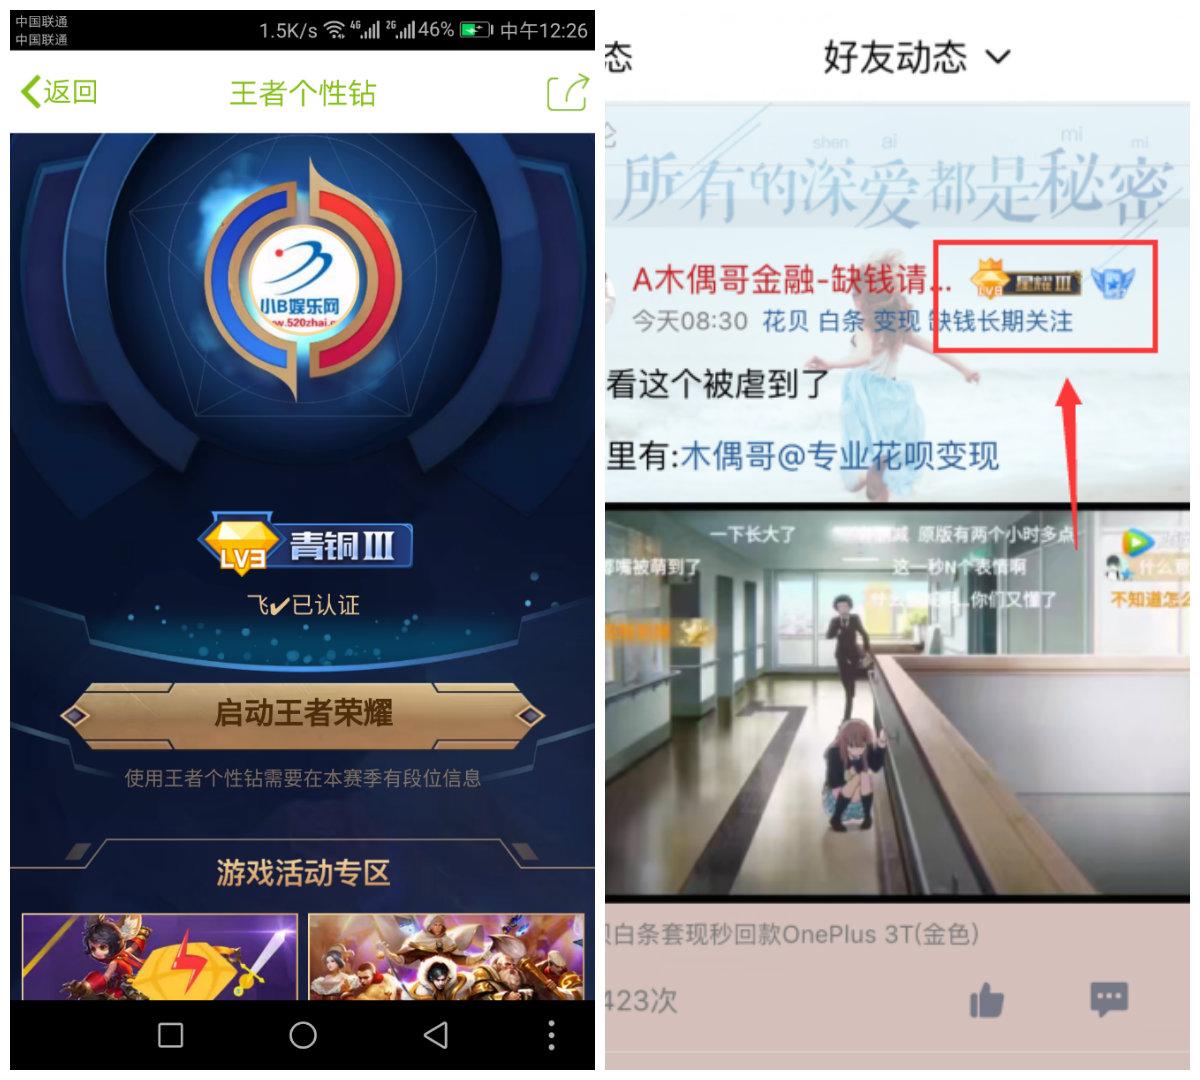 QQ空间已经支持显示王者段位